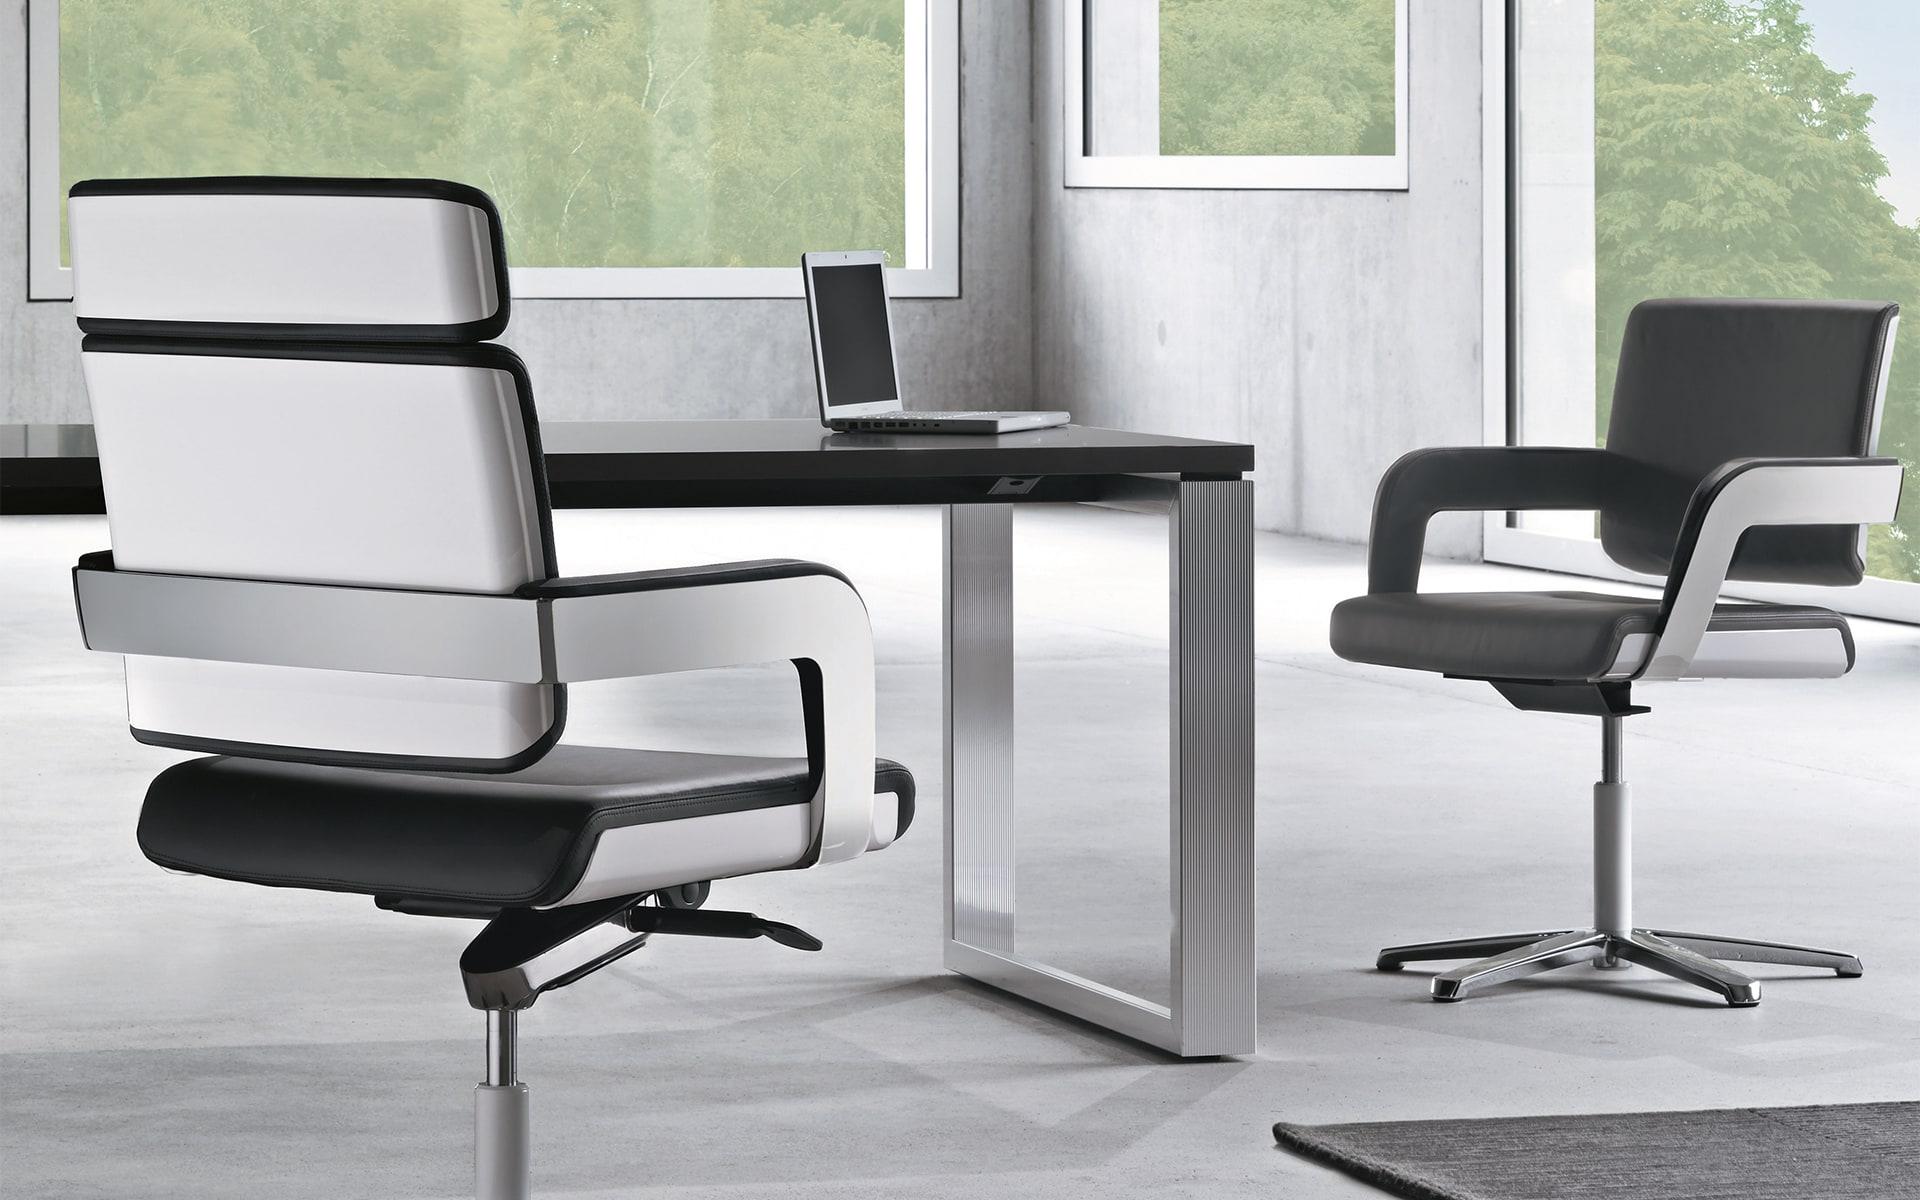 Schwarz-weisse K+N Charta Konferenzstühle von ITO Design an monochromem Arbeitsplatz